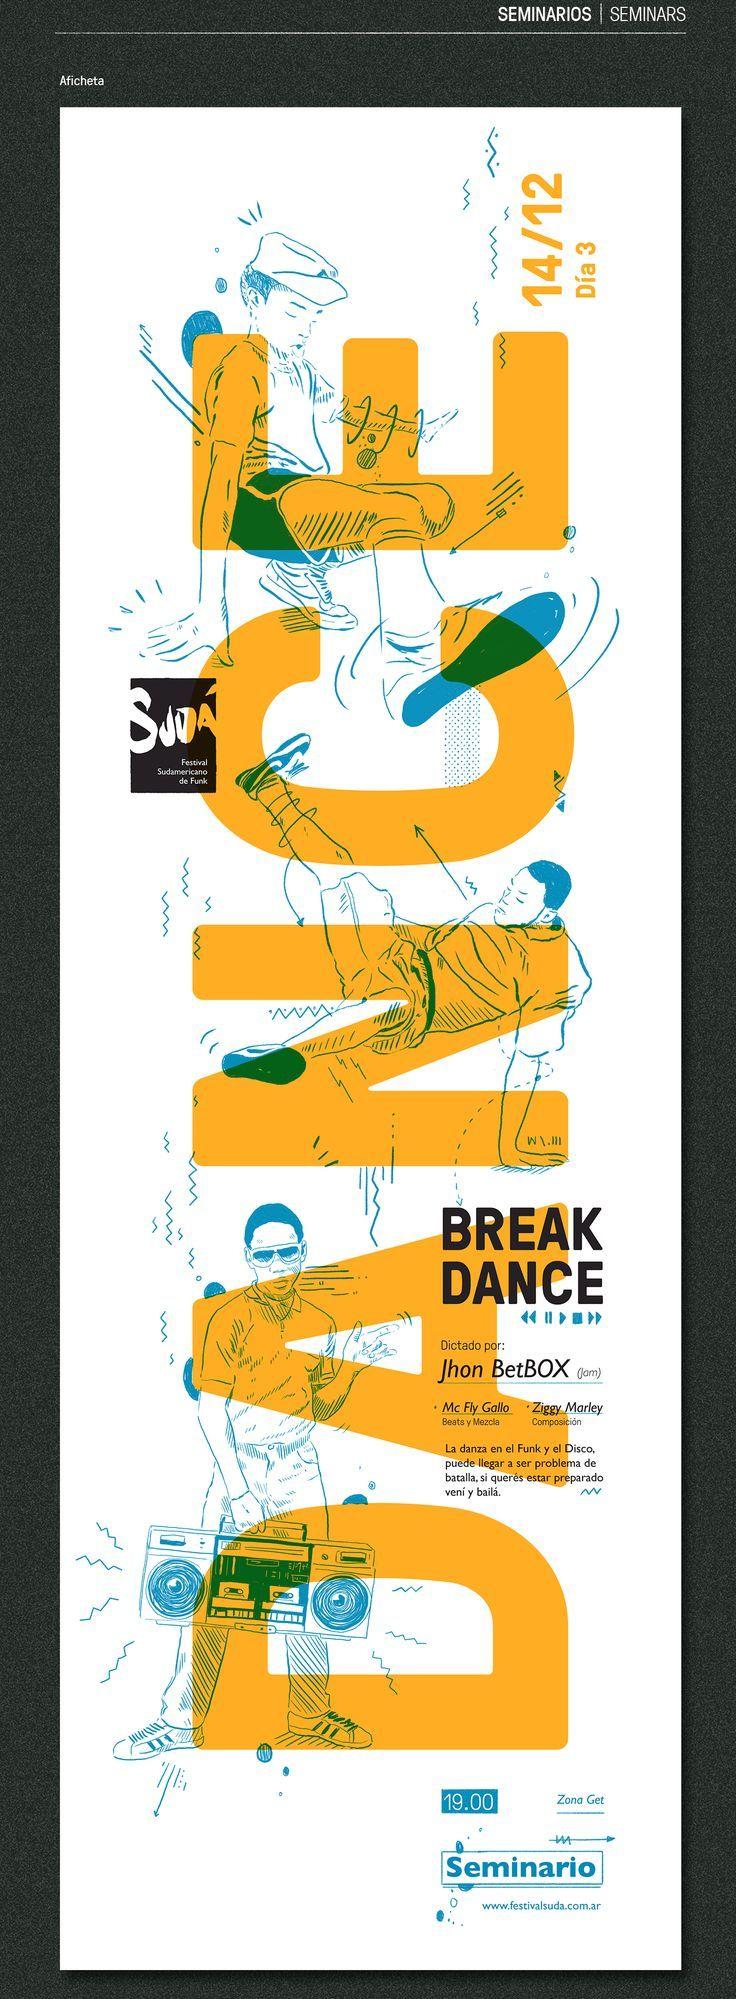 Final proyect - Festival Sudá | Diseño Gráfico III , Cátedra Gabriele 2016 - FADU (UBA) | Buenos Aires, Argentina3RD PART - SEMINARS, WORKSHOPS, EXHIBITIONSSUDÁEl primer Fesival Sudamericano de Funk que se celebrará en Buenos Aires. Durante tres día… | https://lomejordelaweb.es/